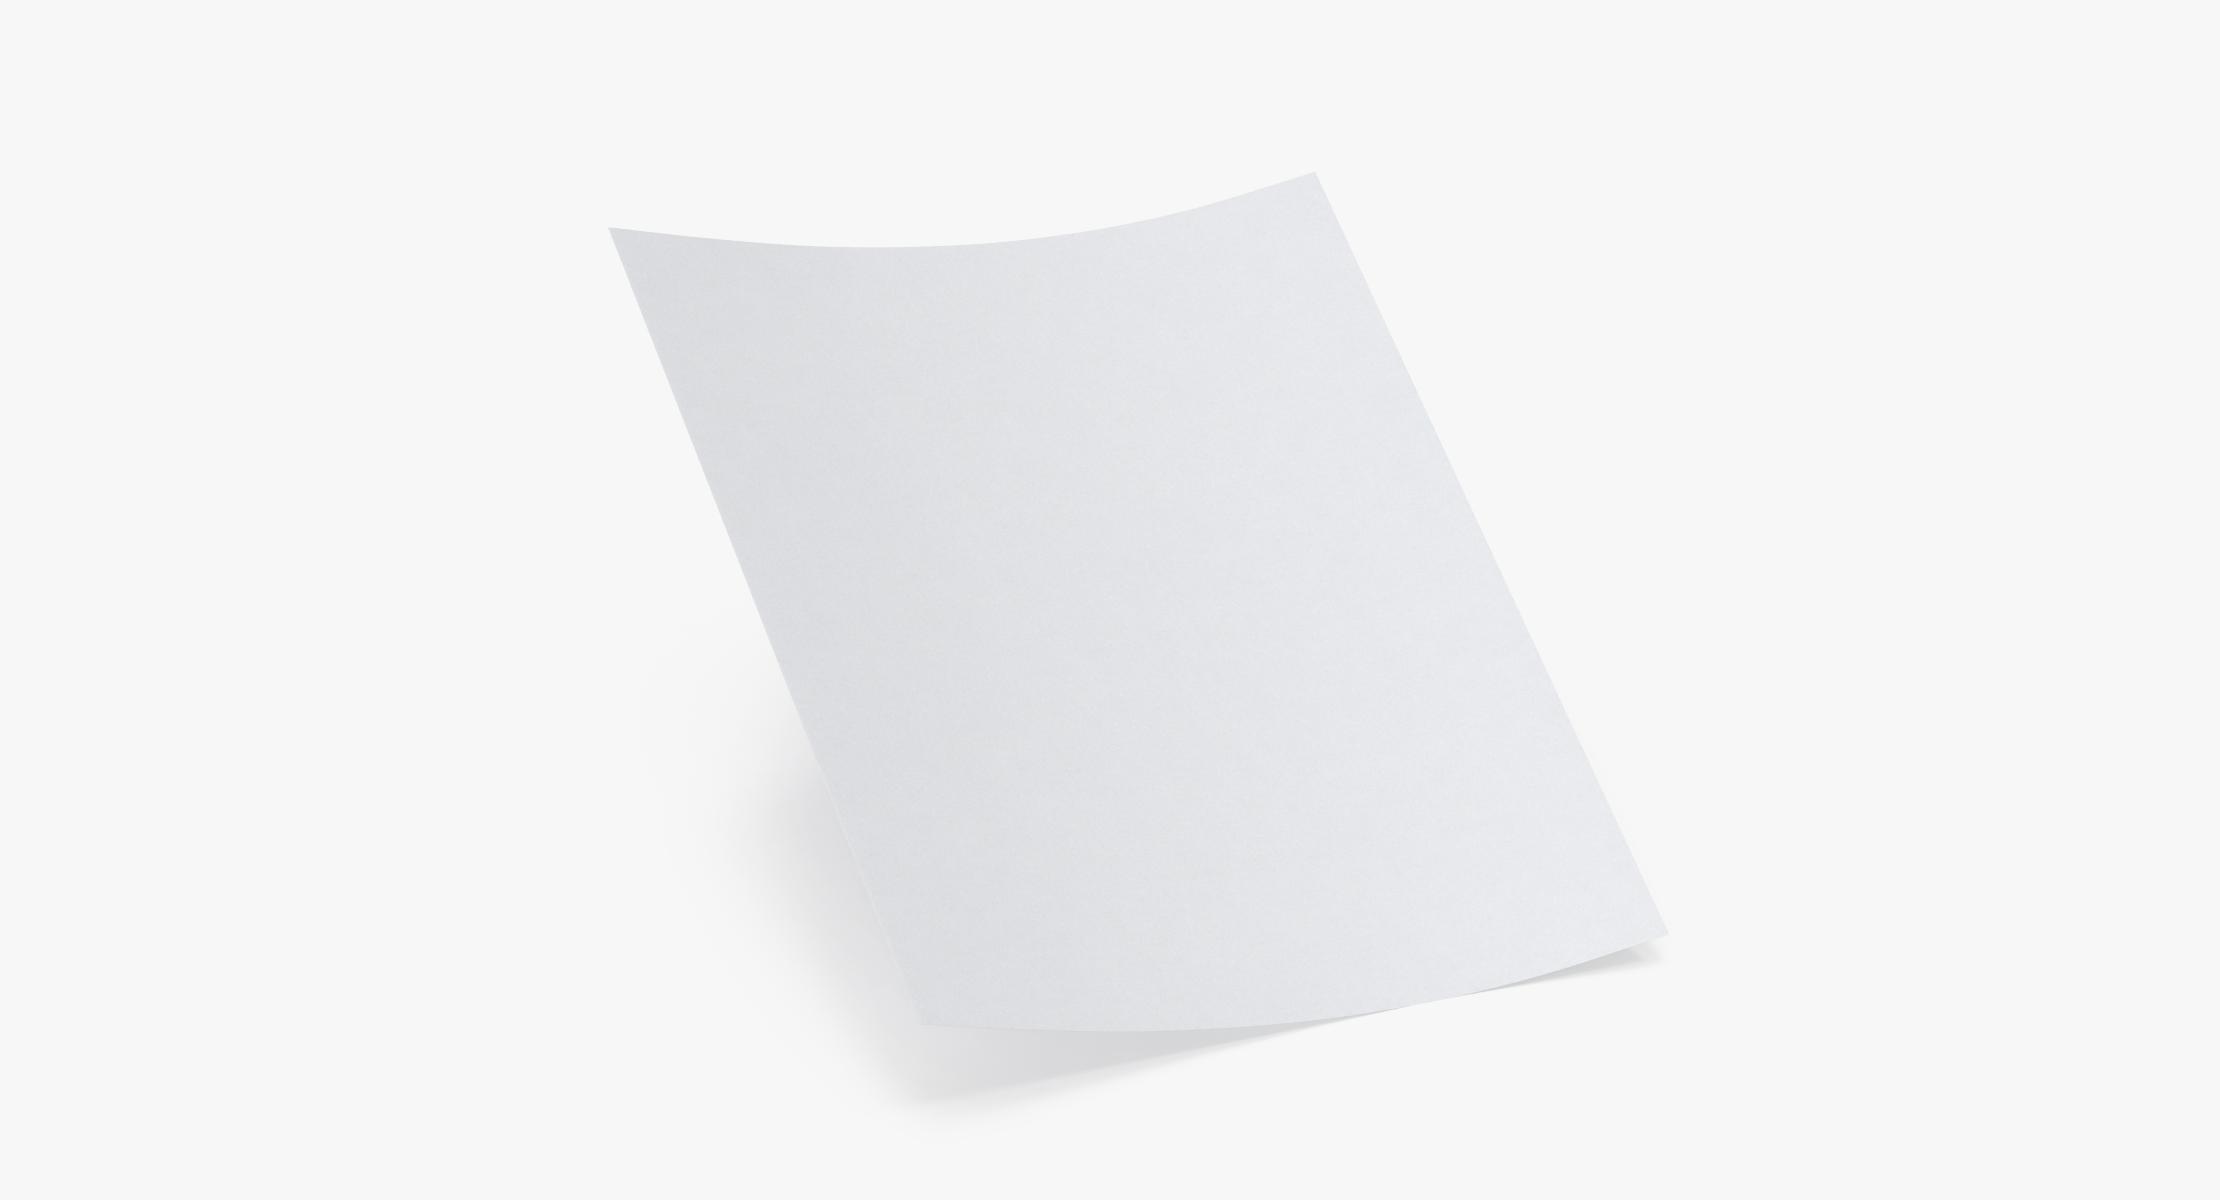 Single Paper Sheet 02 - reel 1